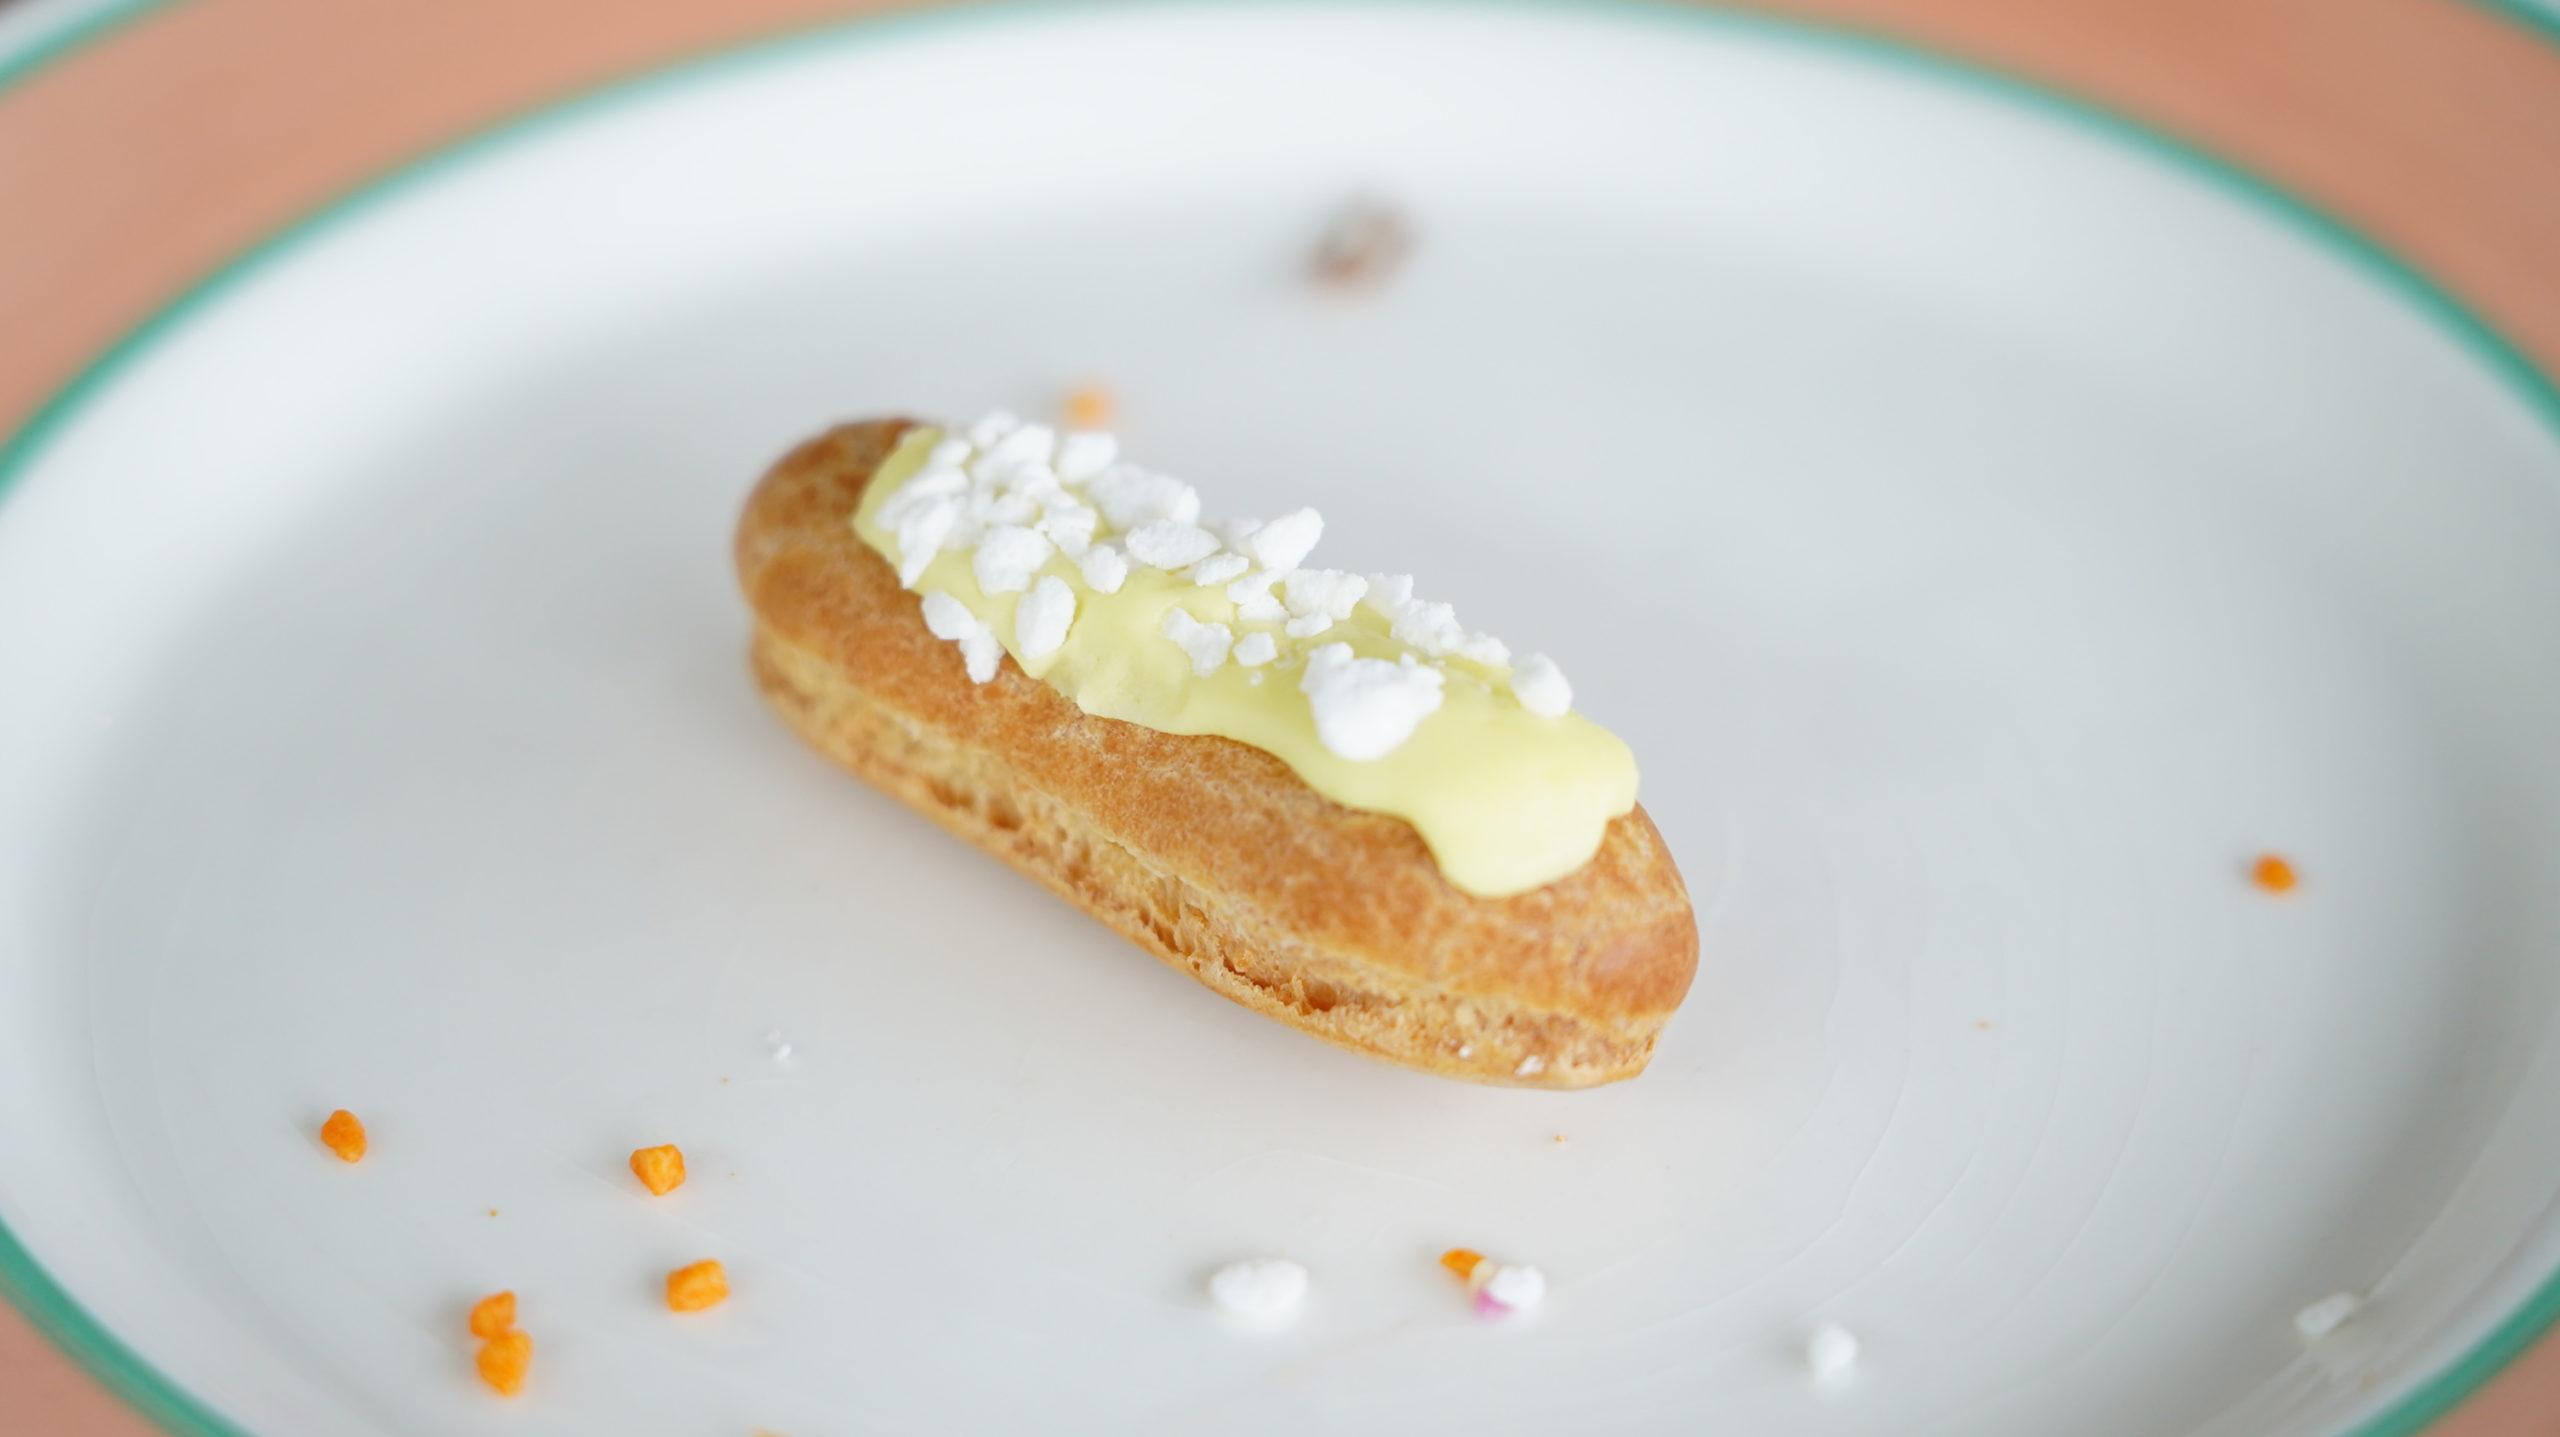 ピカールの冷凍食品「食いしん坊のミニエクレア」のレモンメレンゲ味の写真